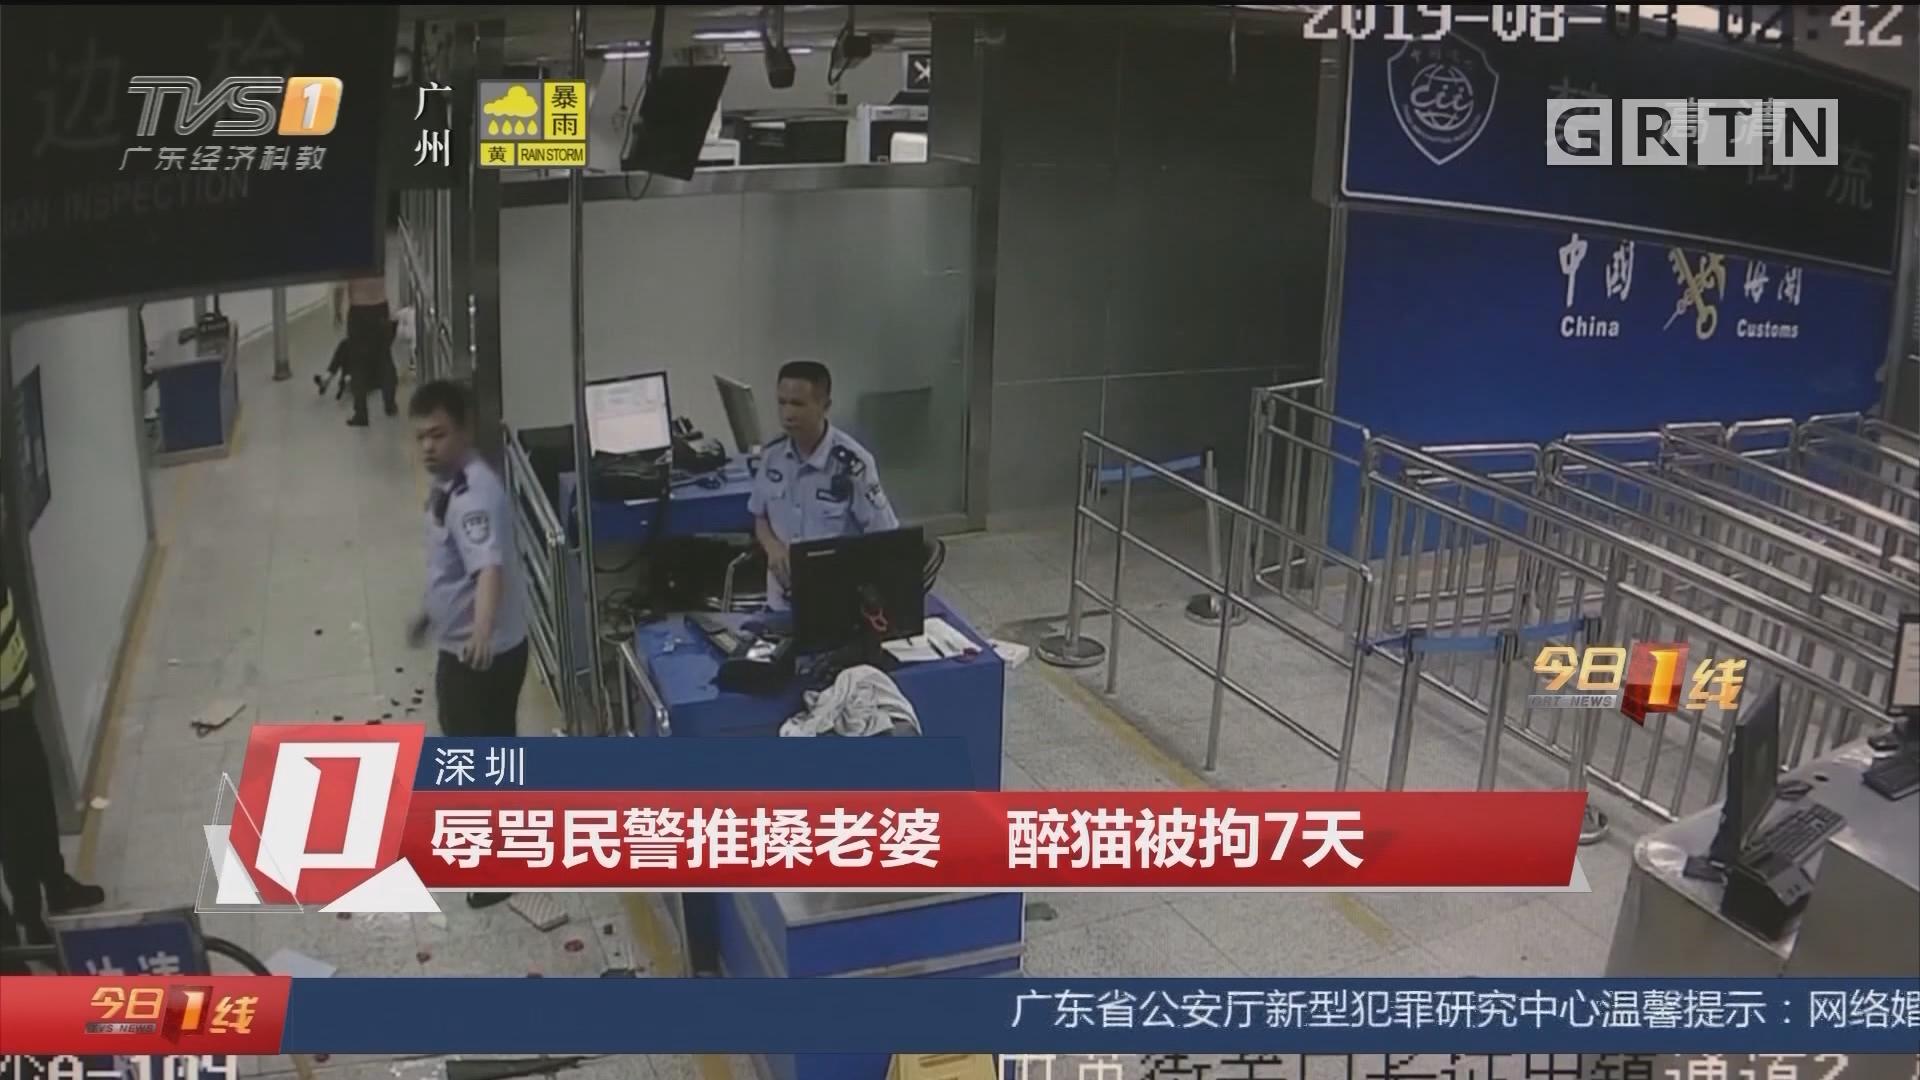 深圳:辱骂民警推搡老婆 醉猫被拘7天